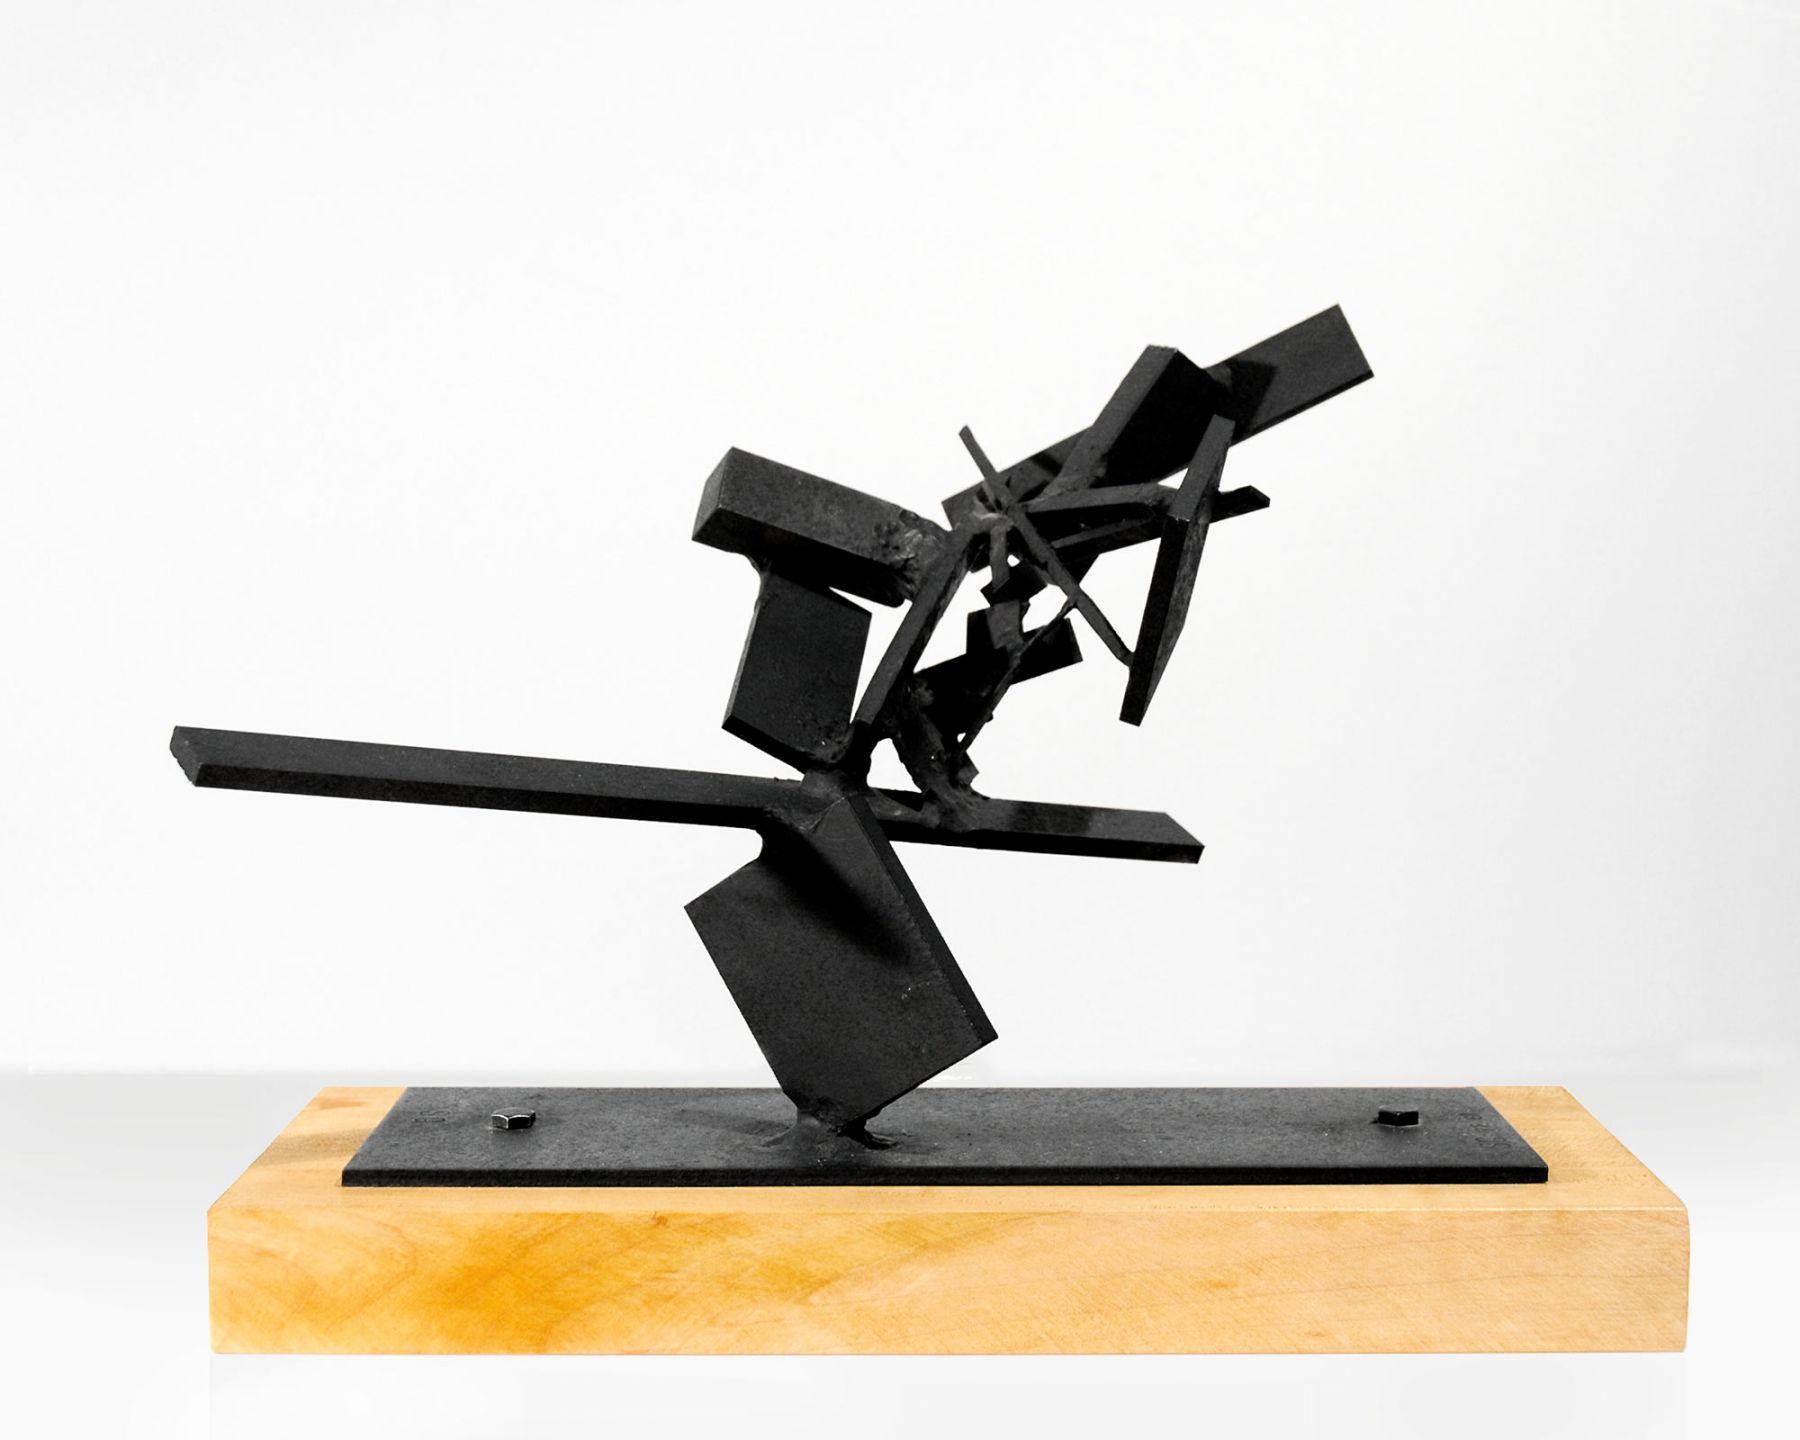 SIDNEY GORDIN (1918-1996), 72-61, 1961